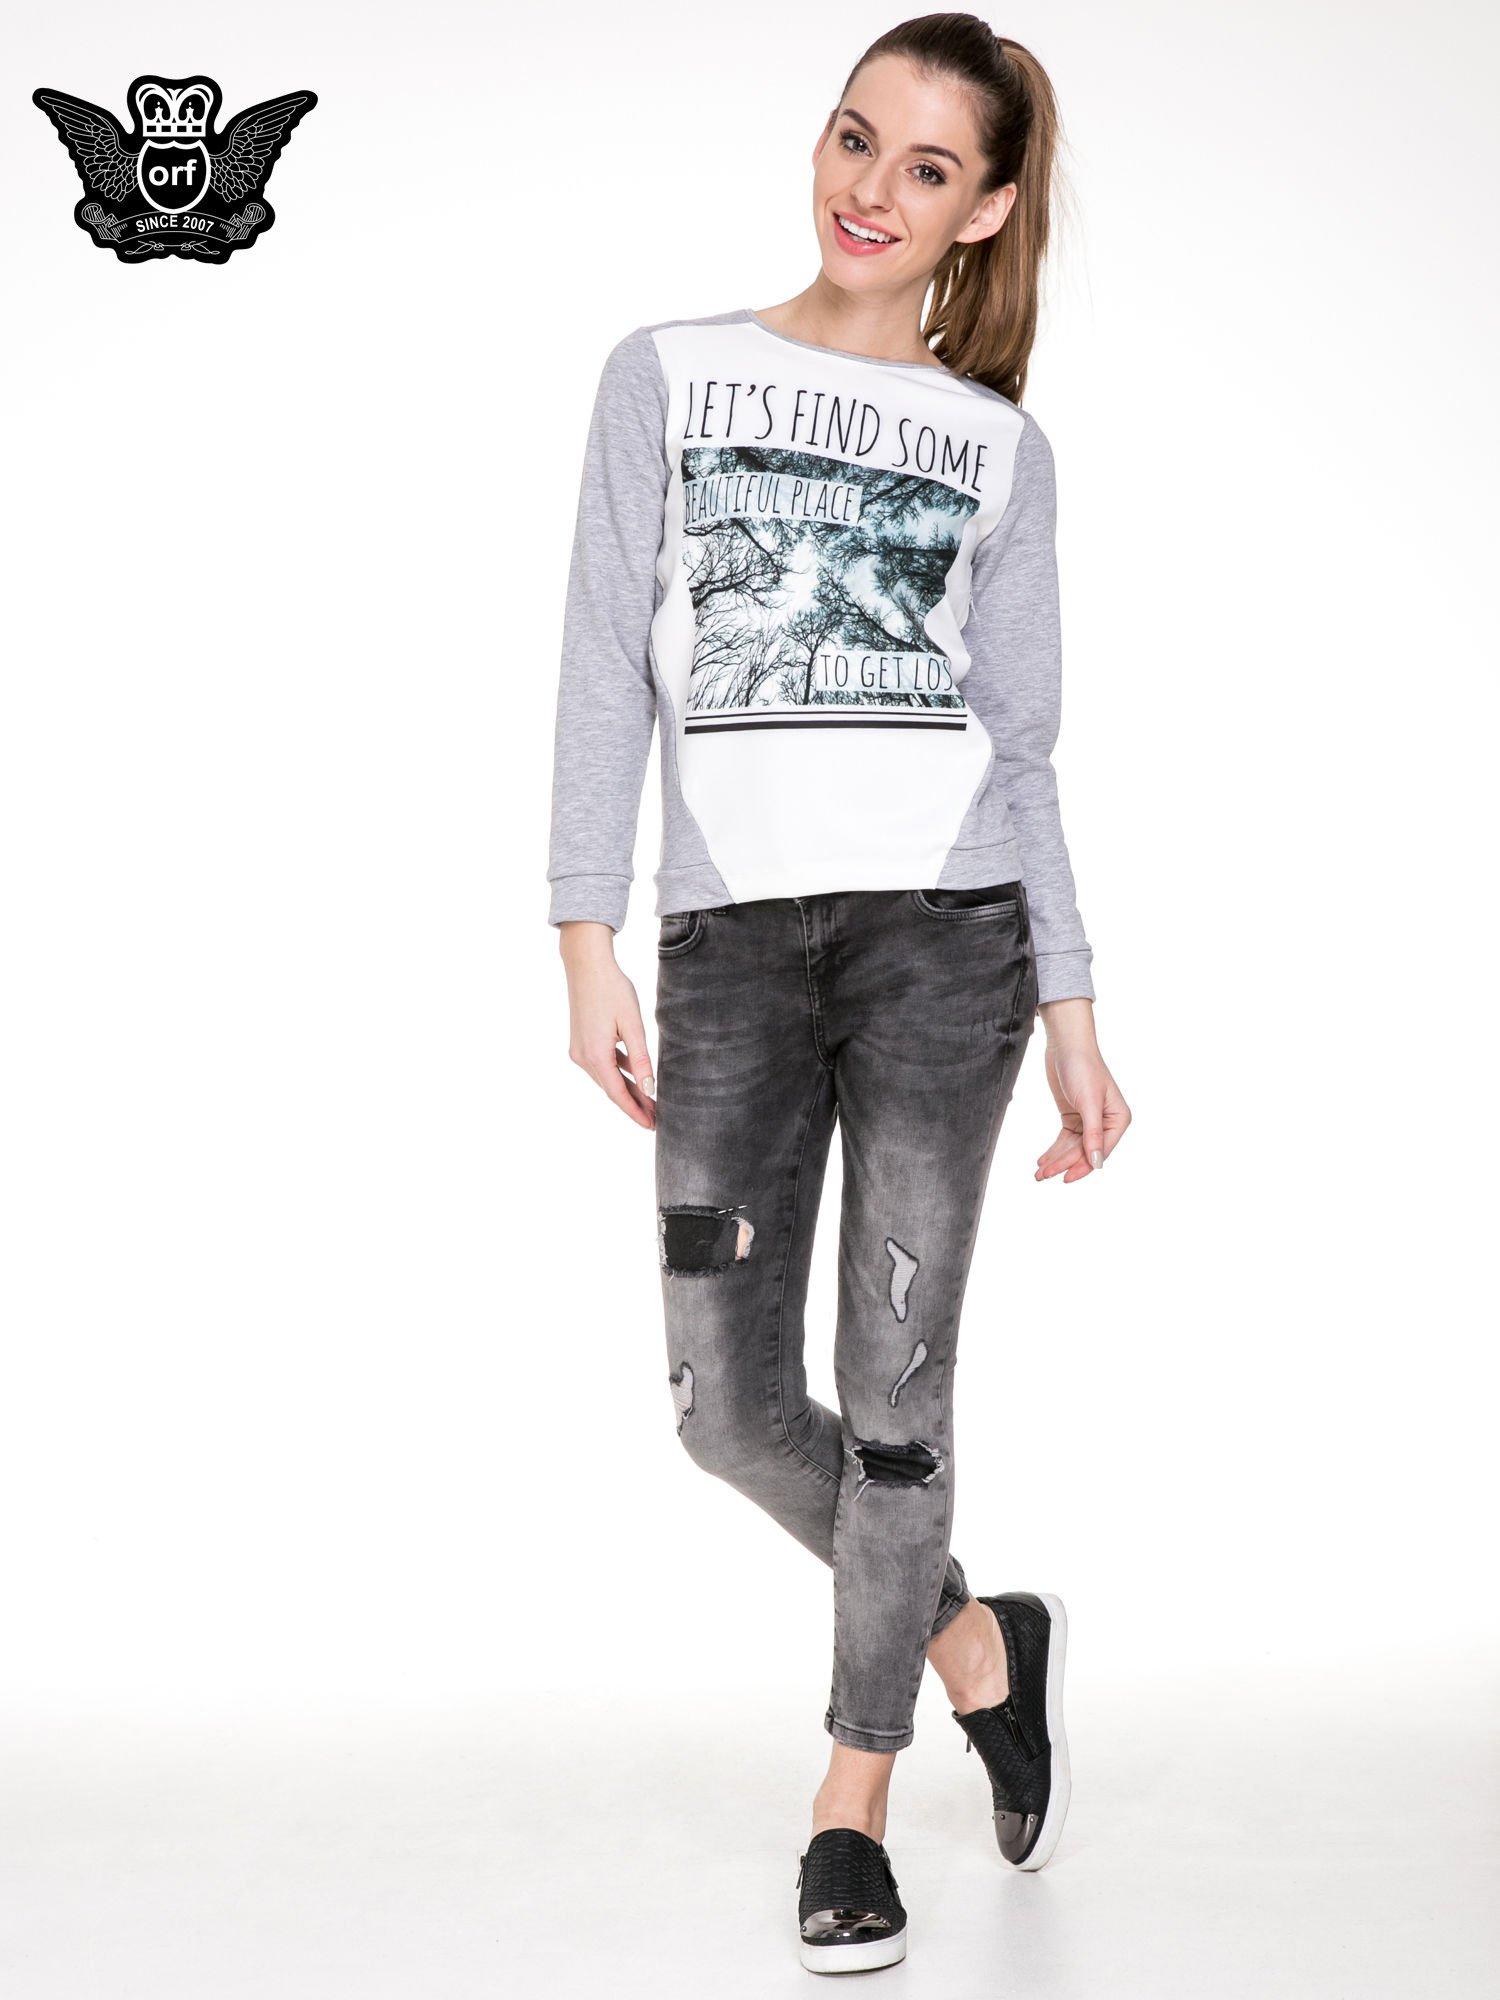 Czarne rozjaśniane spodnie jeansowe 7/8 z przetarciami i łatami                                  zdj.                                  2